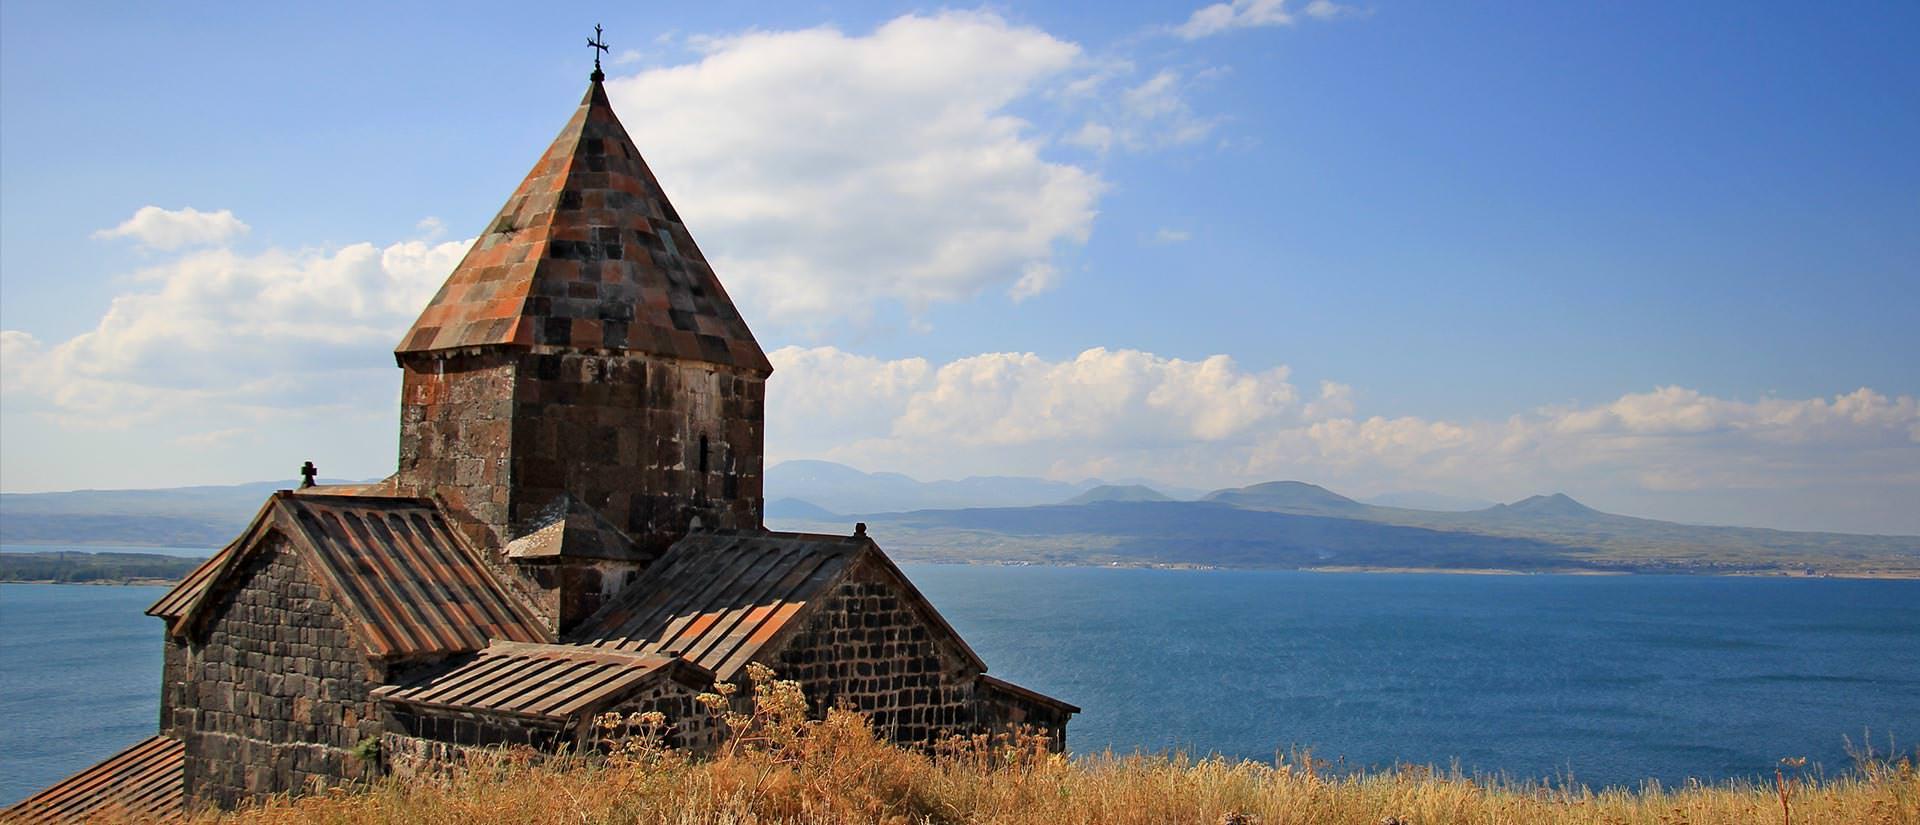 נופי אגם סוואן בארמניה - טיול לארמניה עם המומחים של החברה הגיאוגרפית